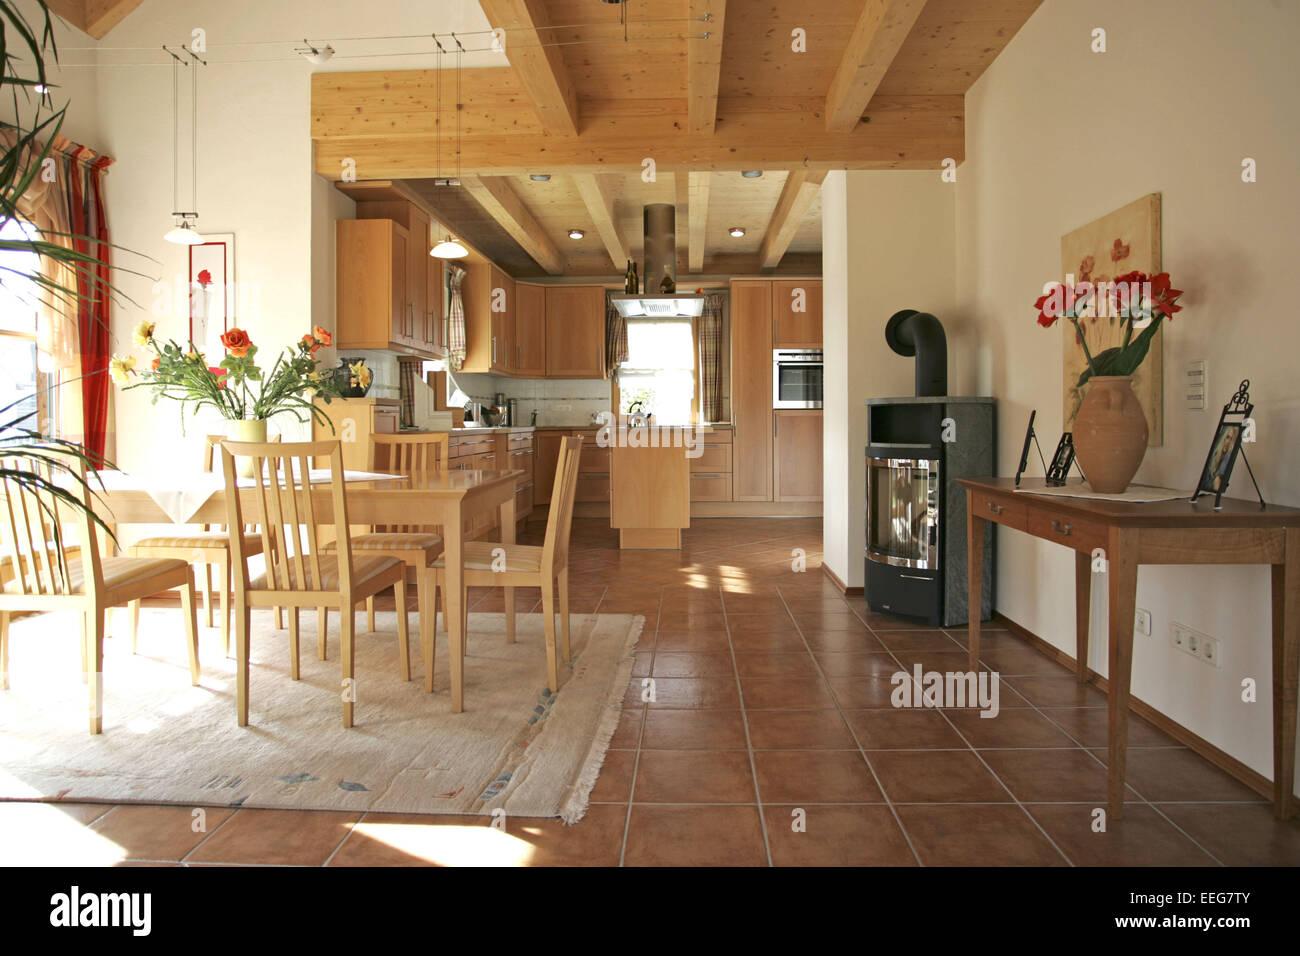 Esszimmer Stockfotos & Esszimmer Bilder - Alamy